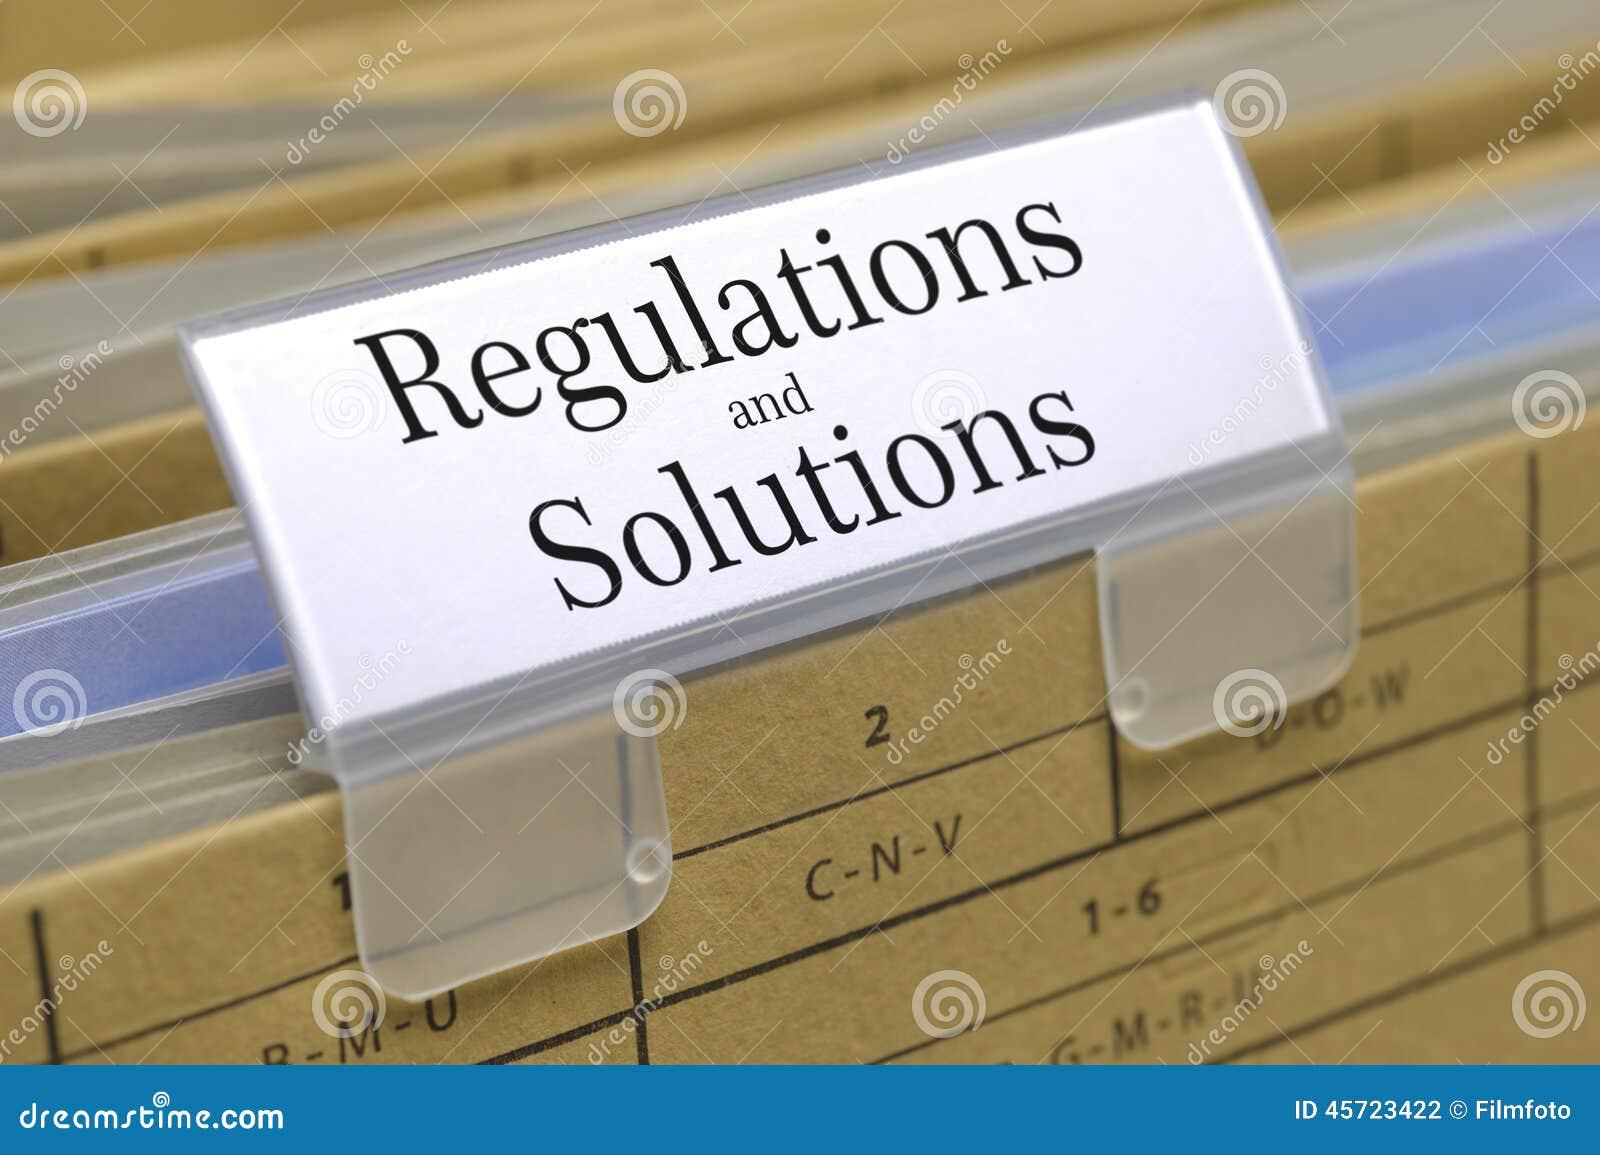 Regulaciones y soluciones